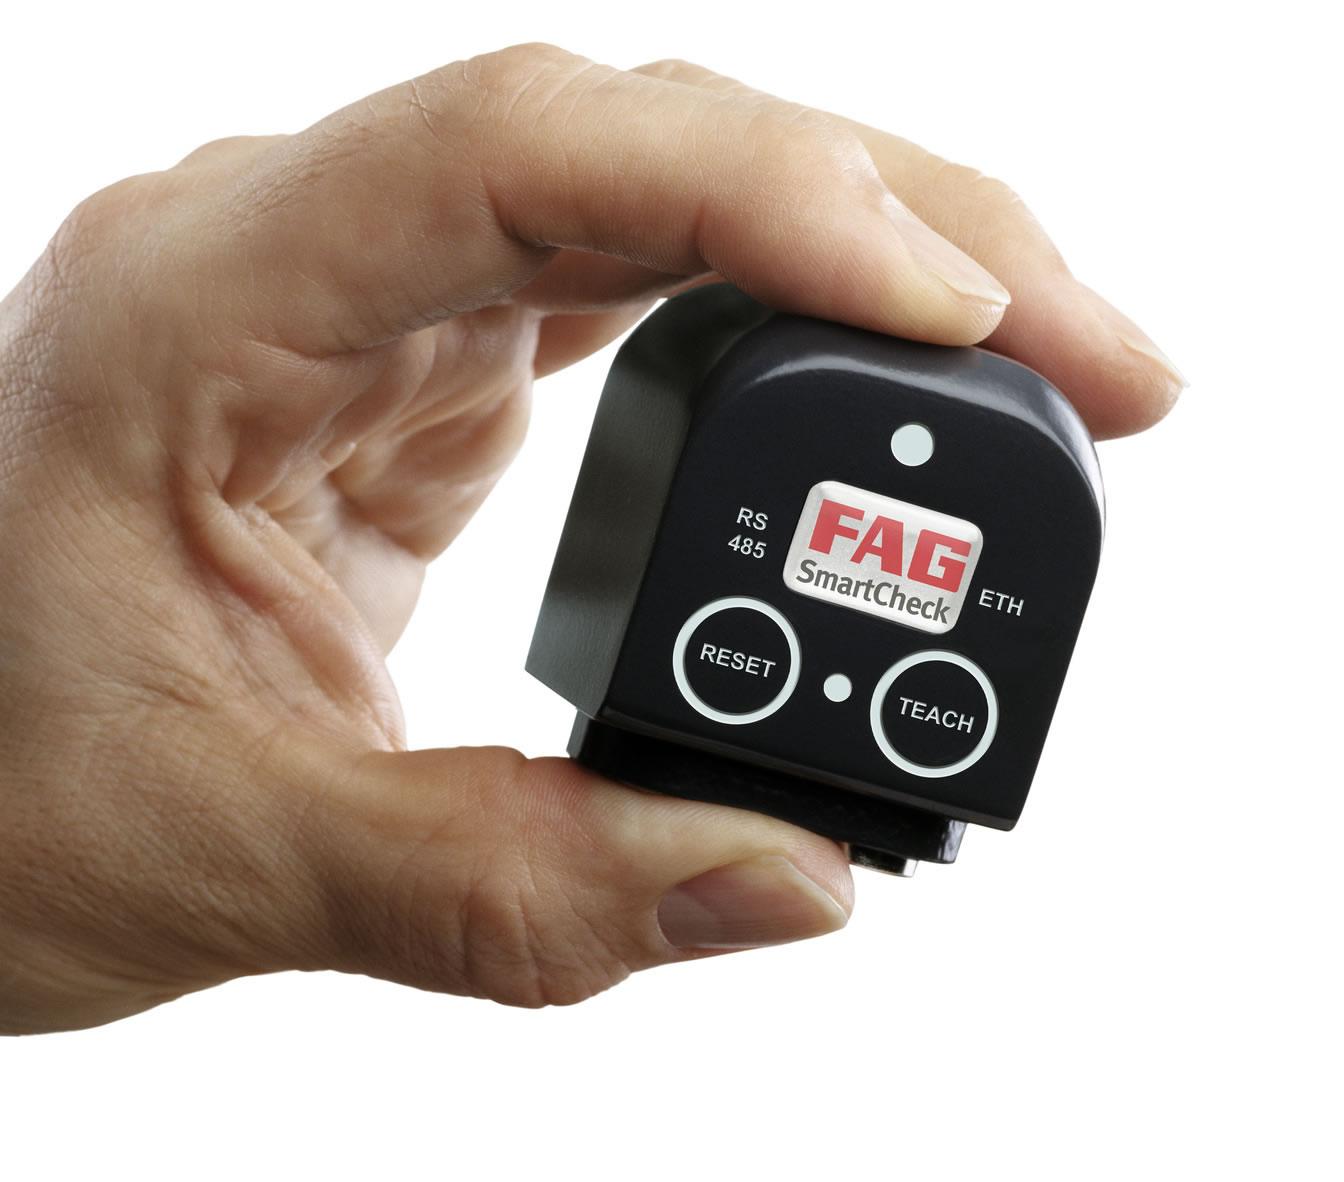 FAG SmartCheck sensor for condition monitoring